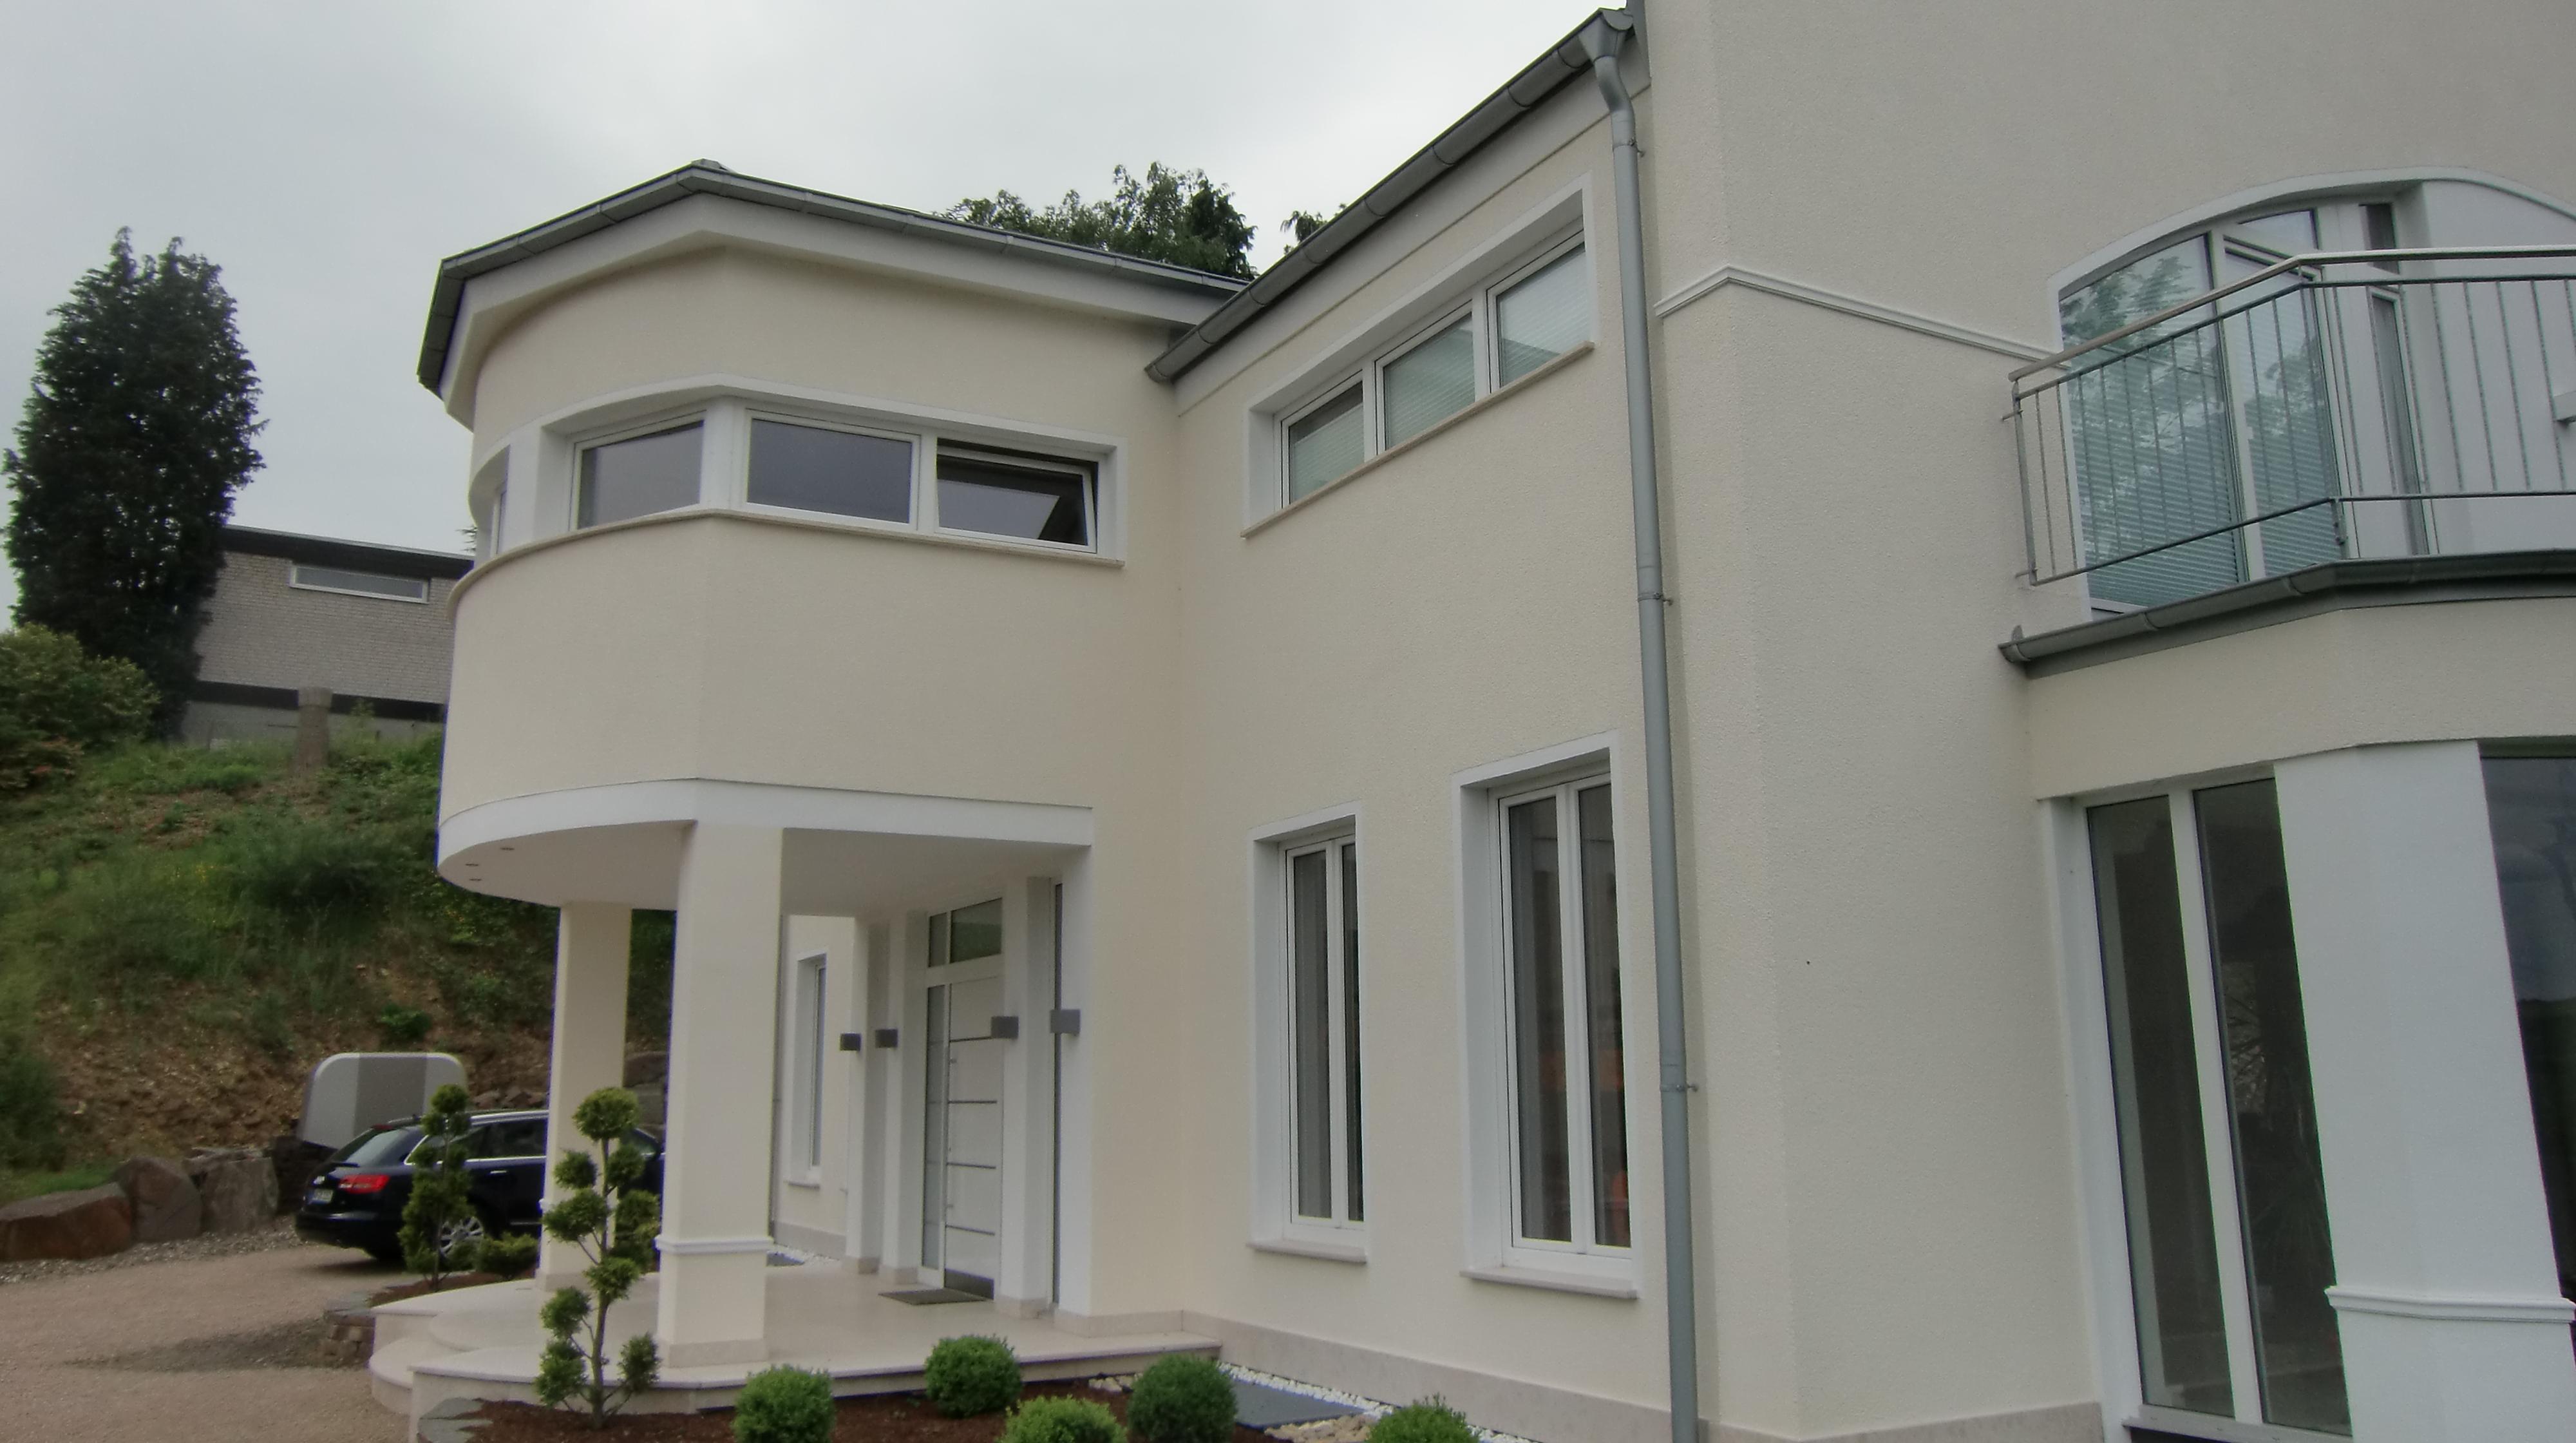 fassadengestaltung in bad neuenahr ahrweiler bei rheinbach. Black Bedroom Furniture Sets. Home Design Ideas